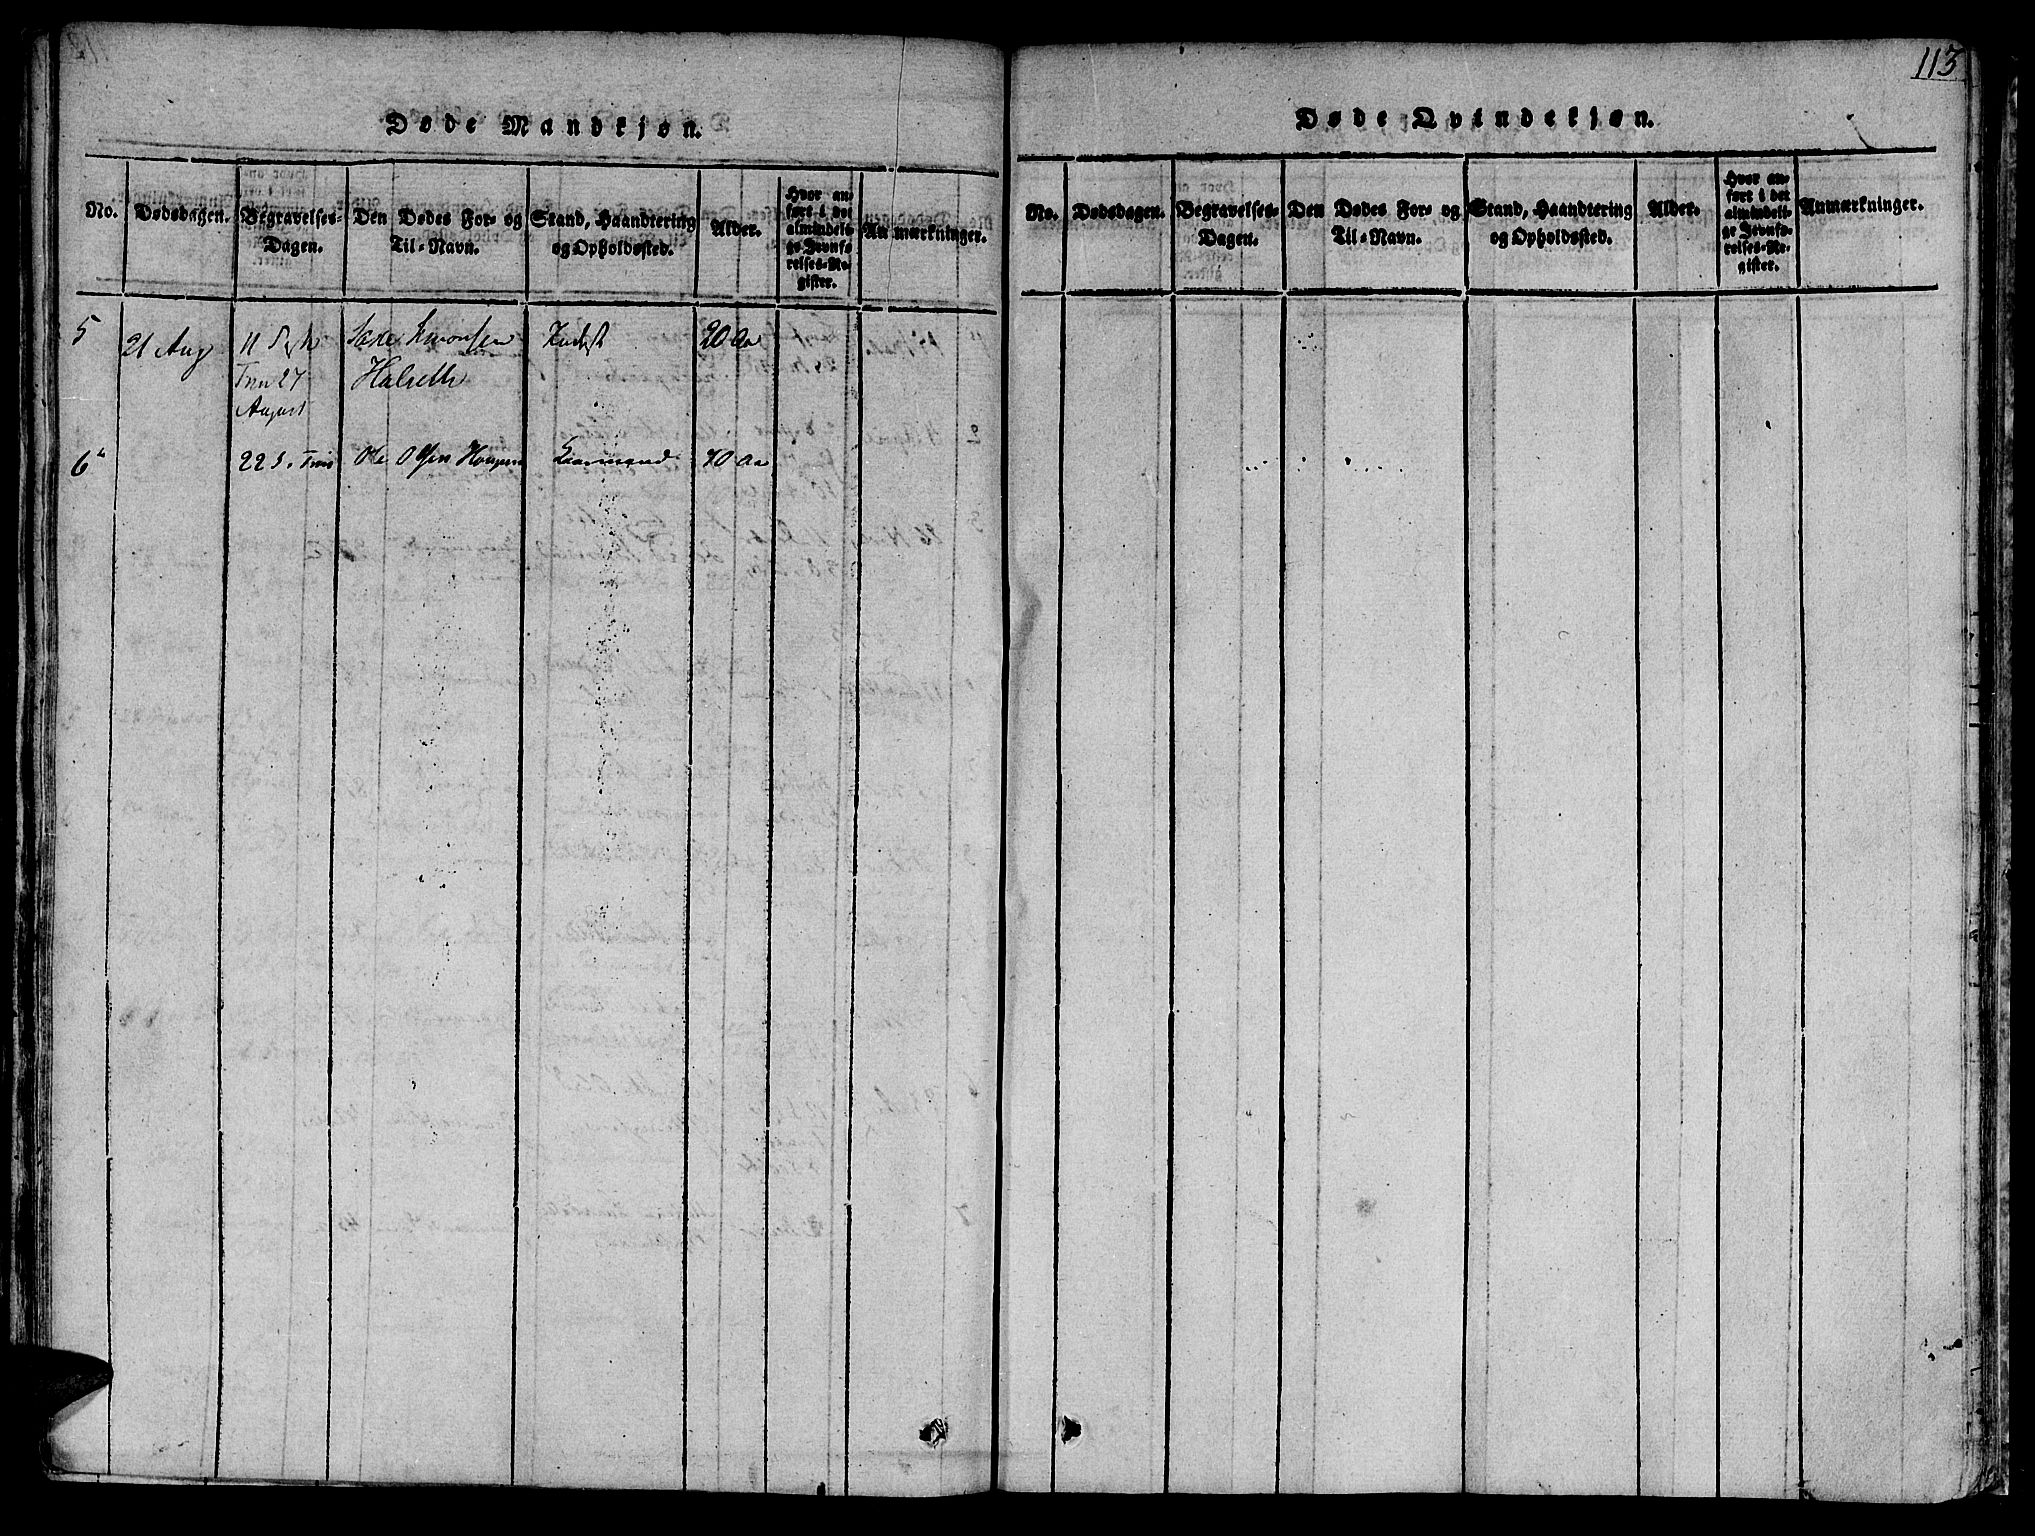 SAT, Ministerialprotokoller, klokkerbøker og fødselsregistre - Sør-Trøndelag, 618/L0439: Ministerialbok nr. 618A04 /1, 1816-1843, s. 113